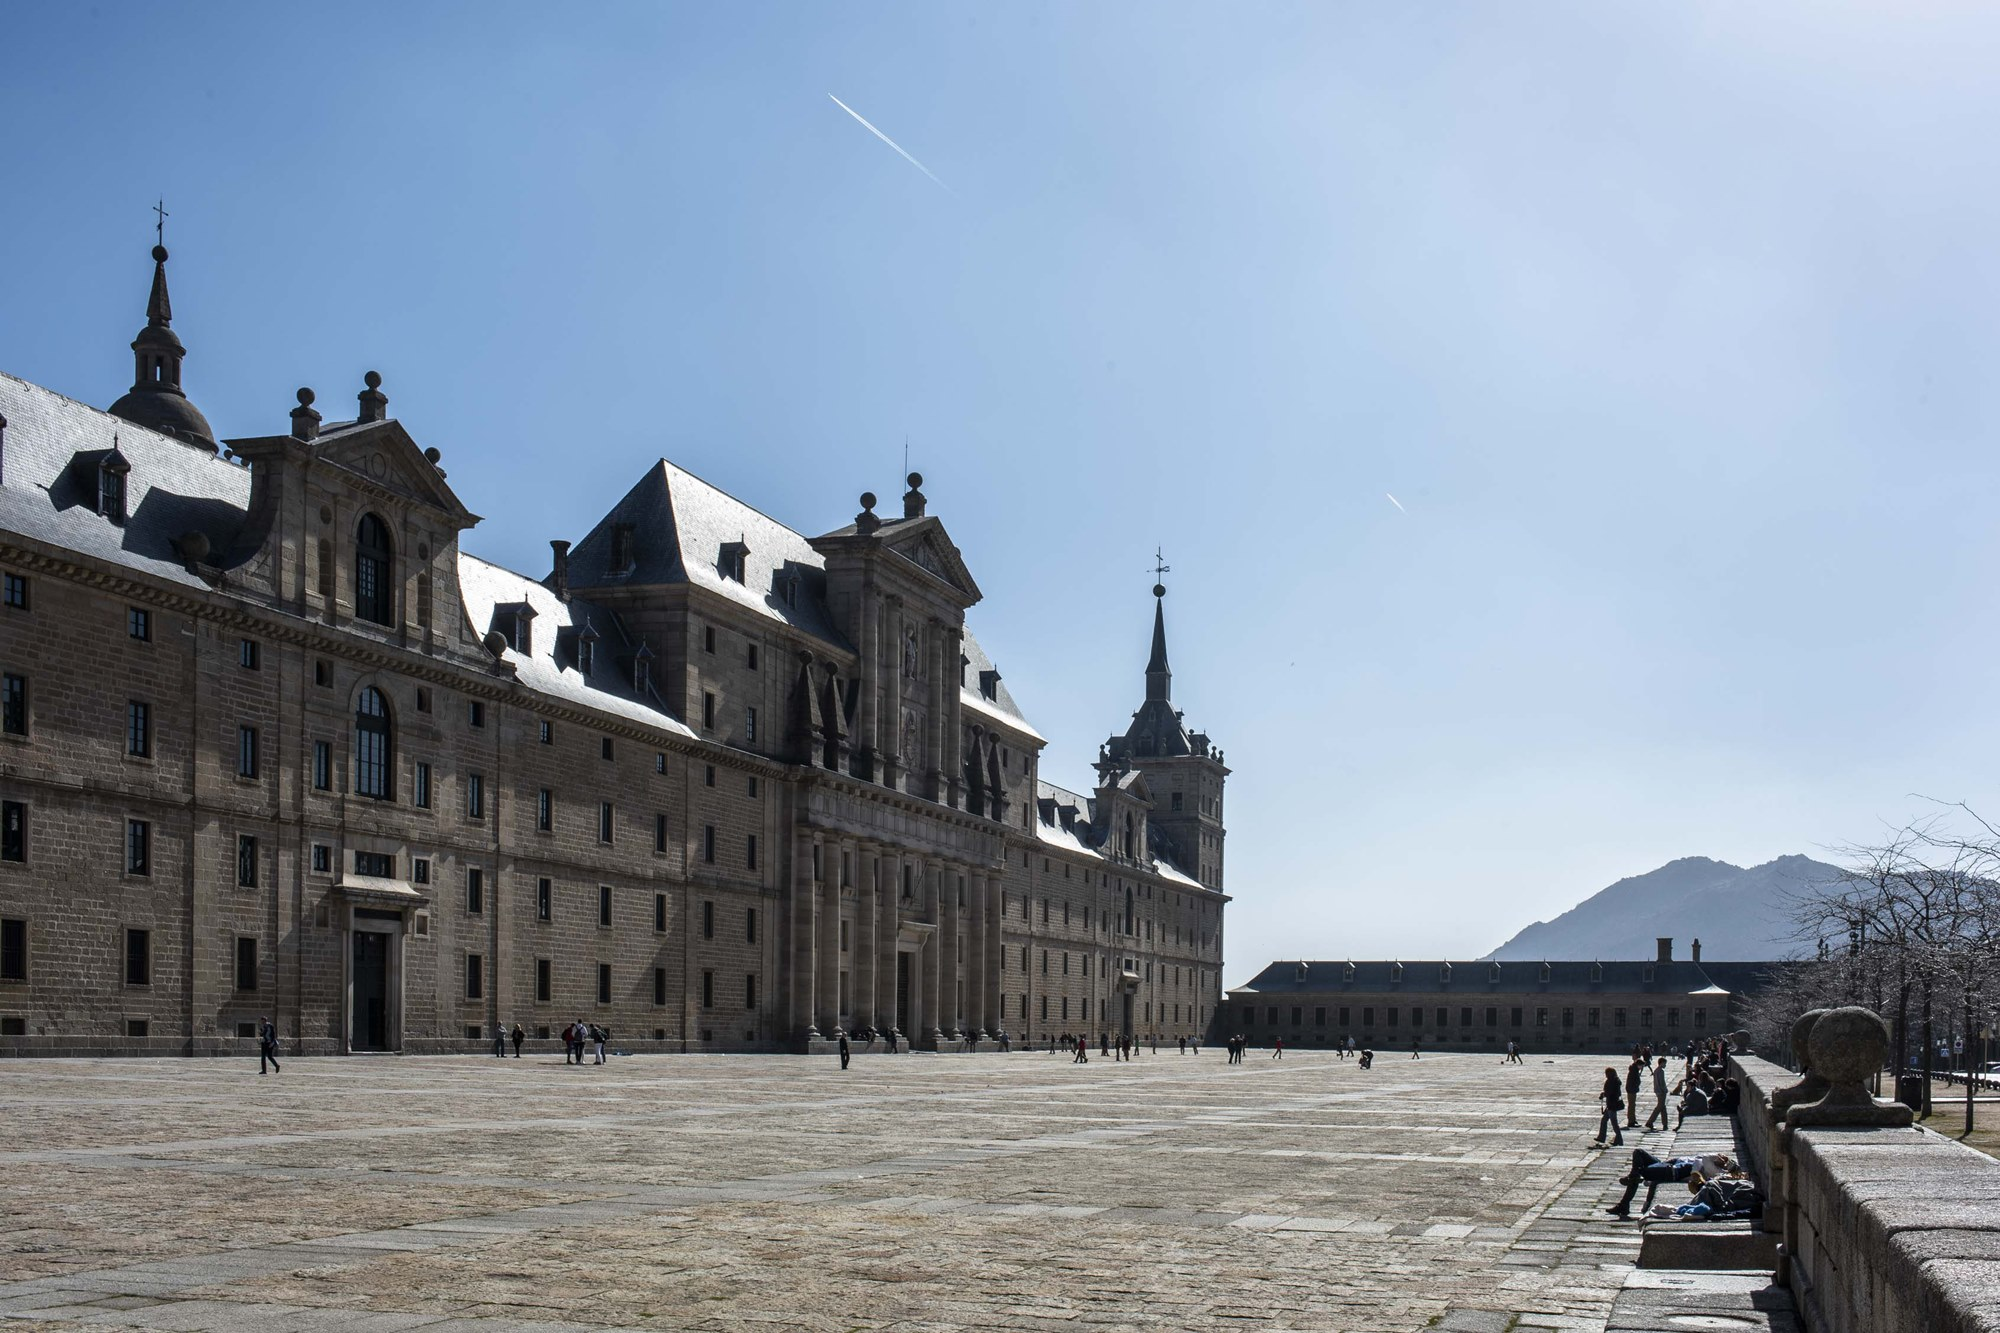 Varios turistas toman el sol en la gran explanada que rodea el monumento.